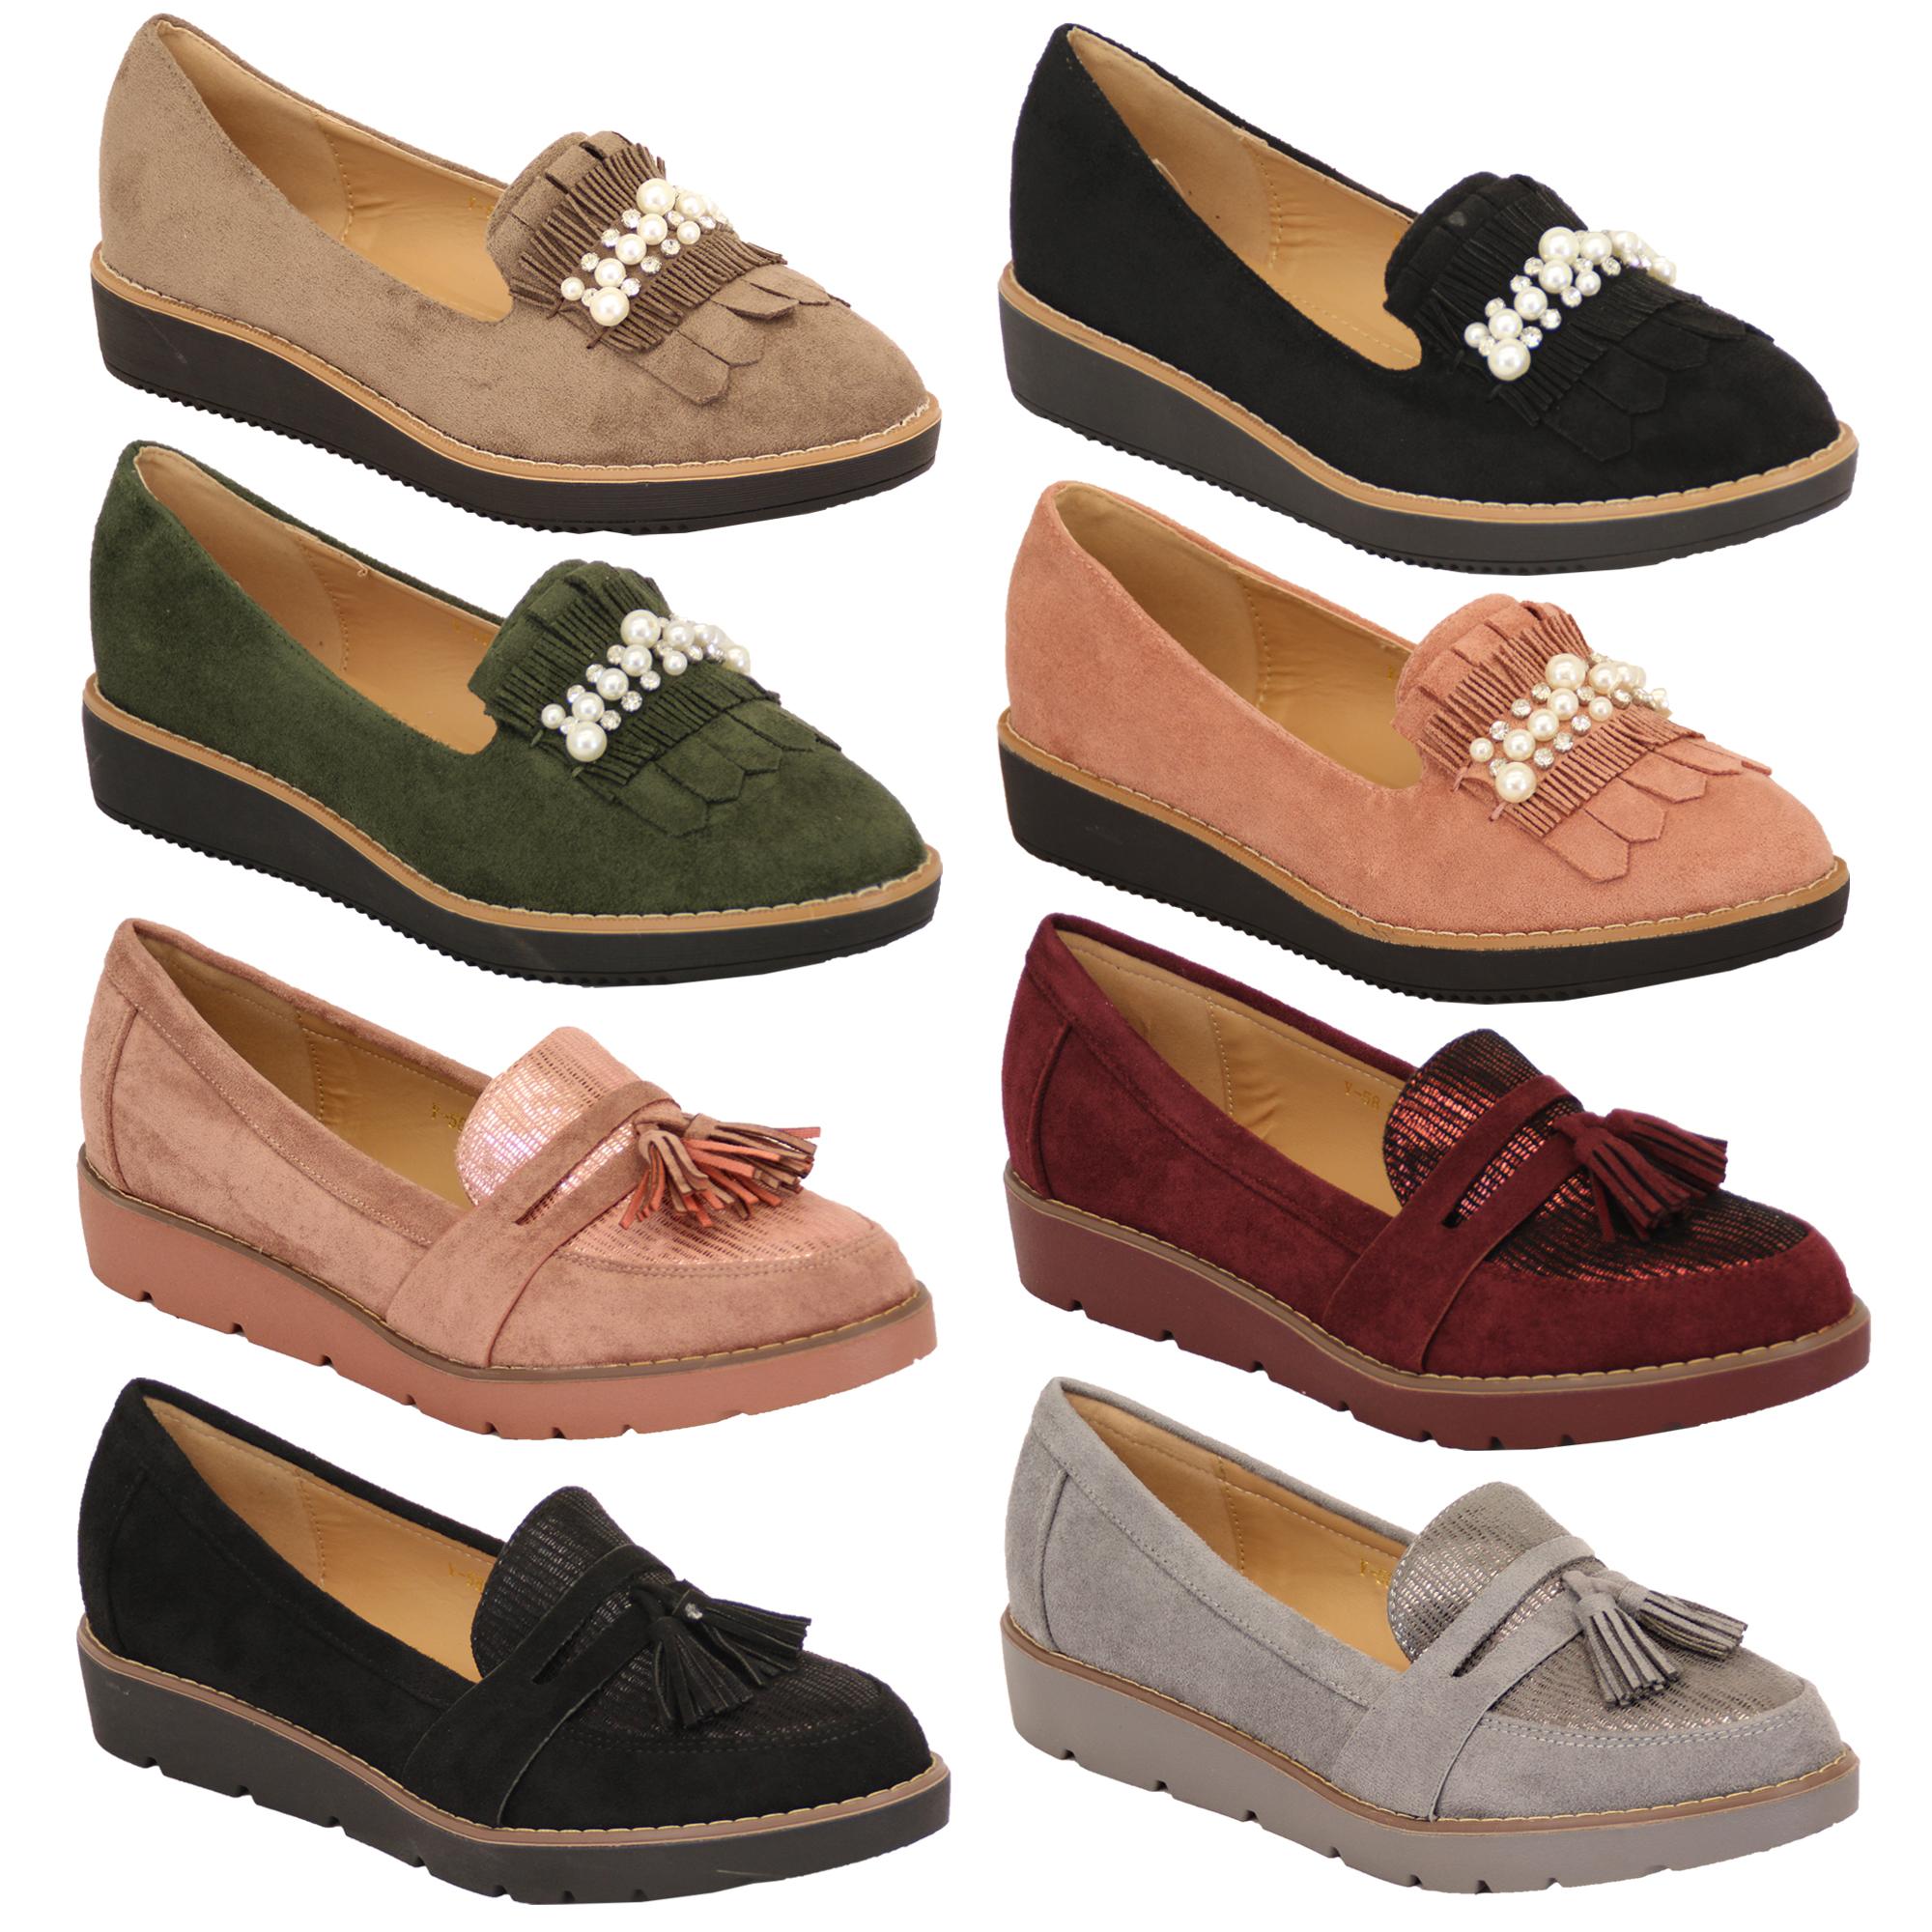 1694d8c8955 Ladies Suede Look Loafers Vintage Shoes Womens Wedge Slip On Tassel ...